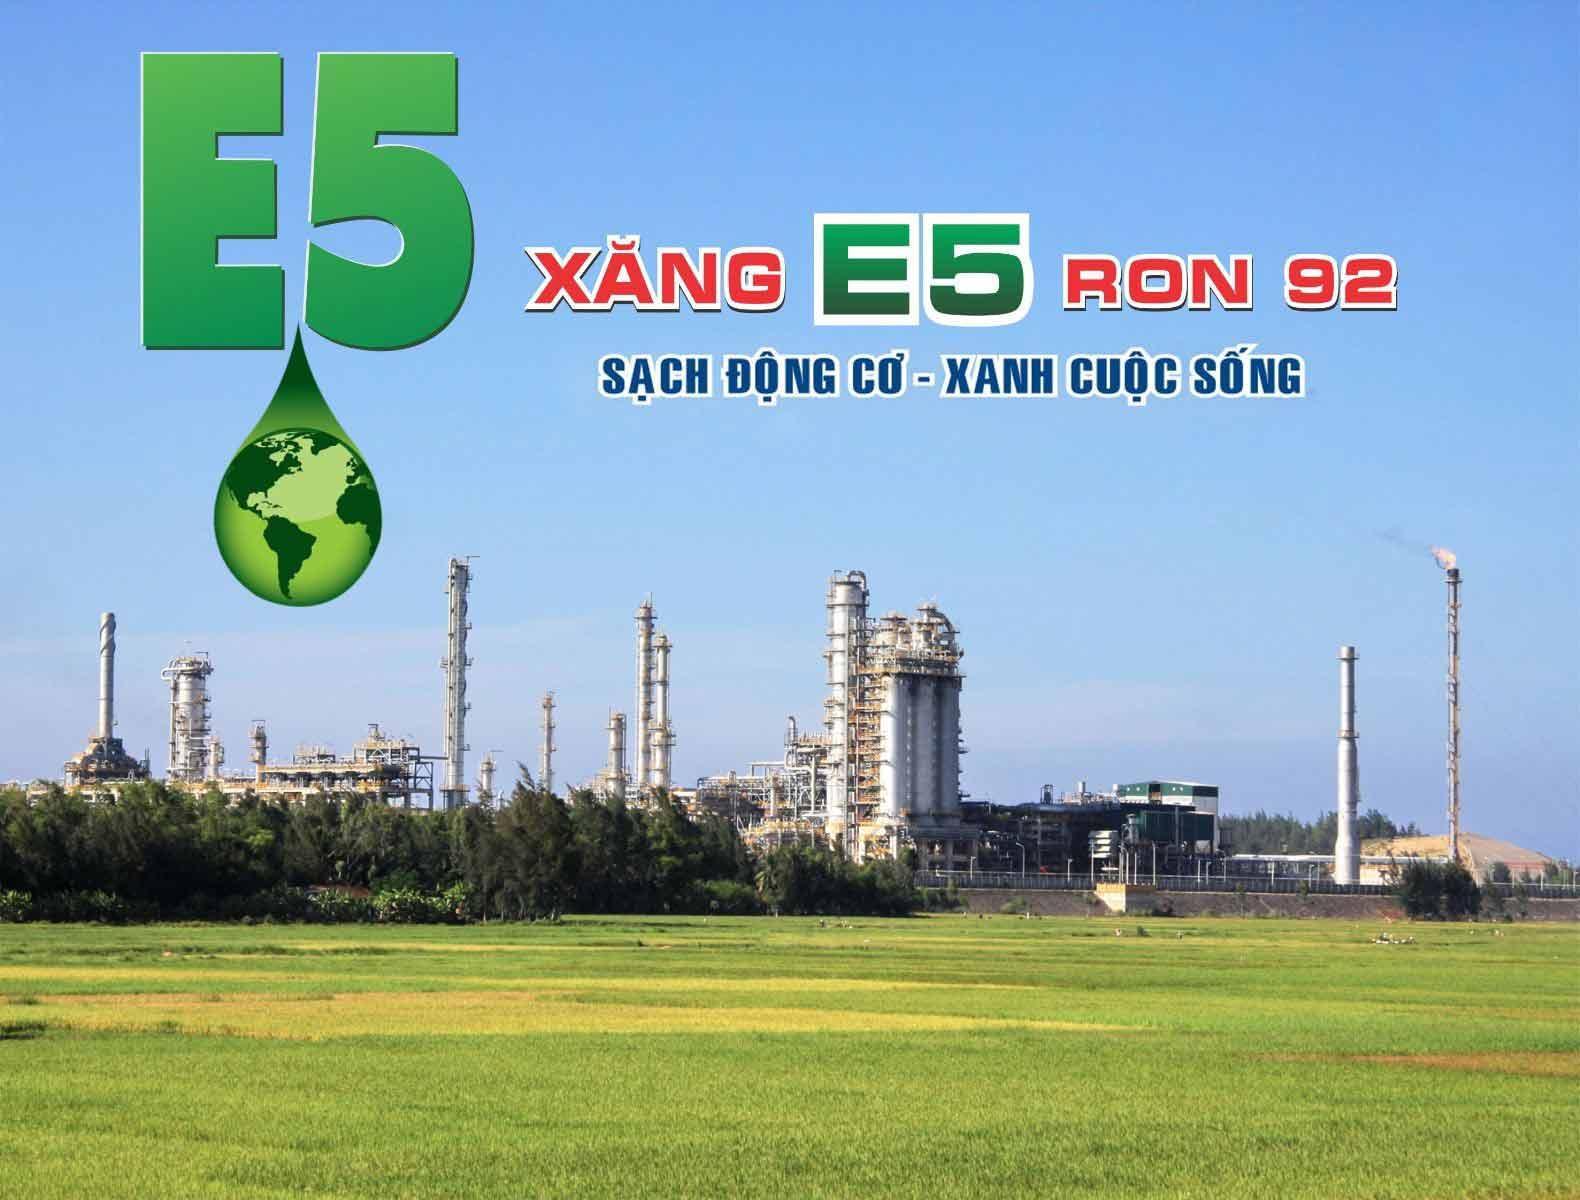 Xăng E5 thân thiện với môi trường